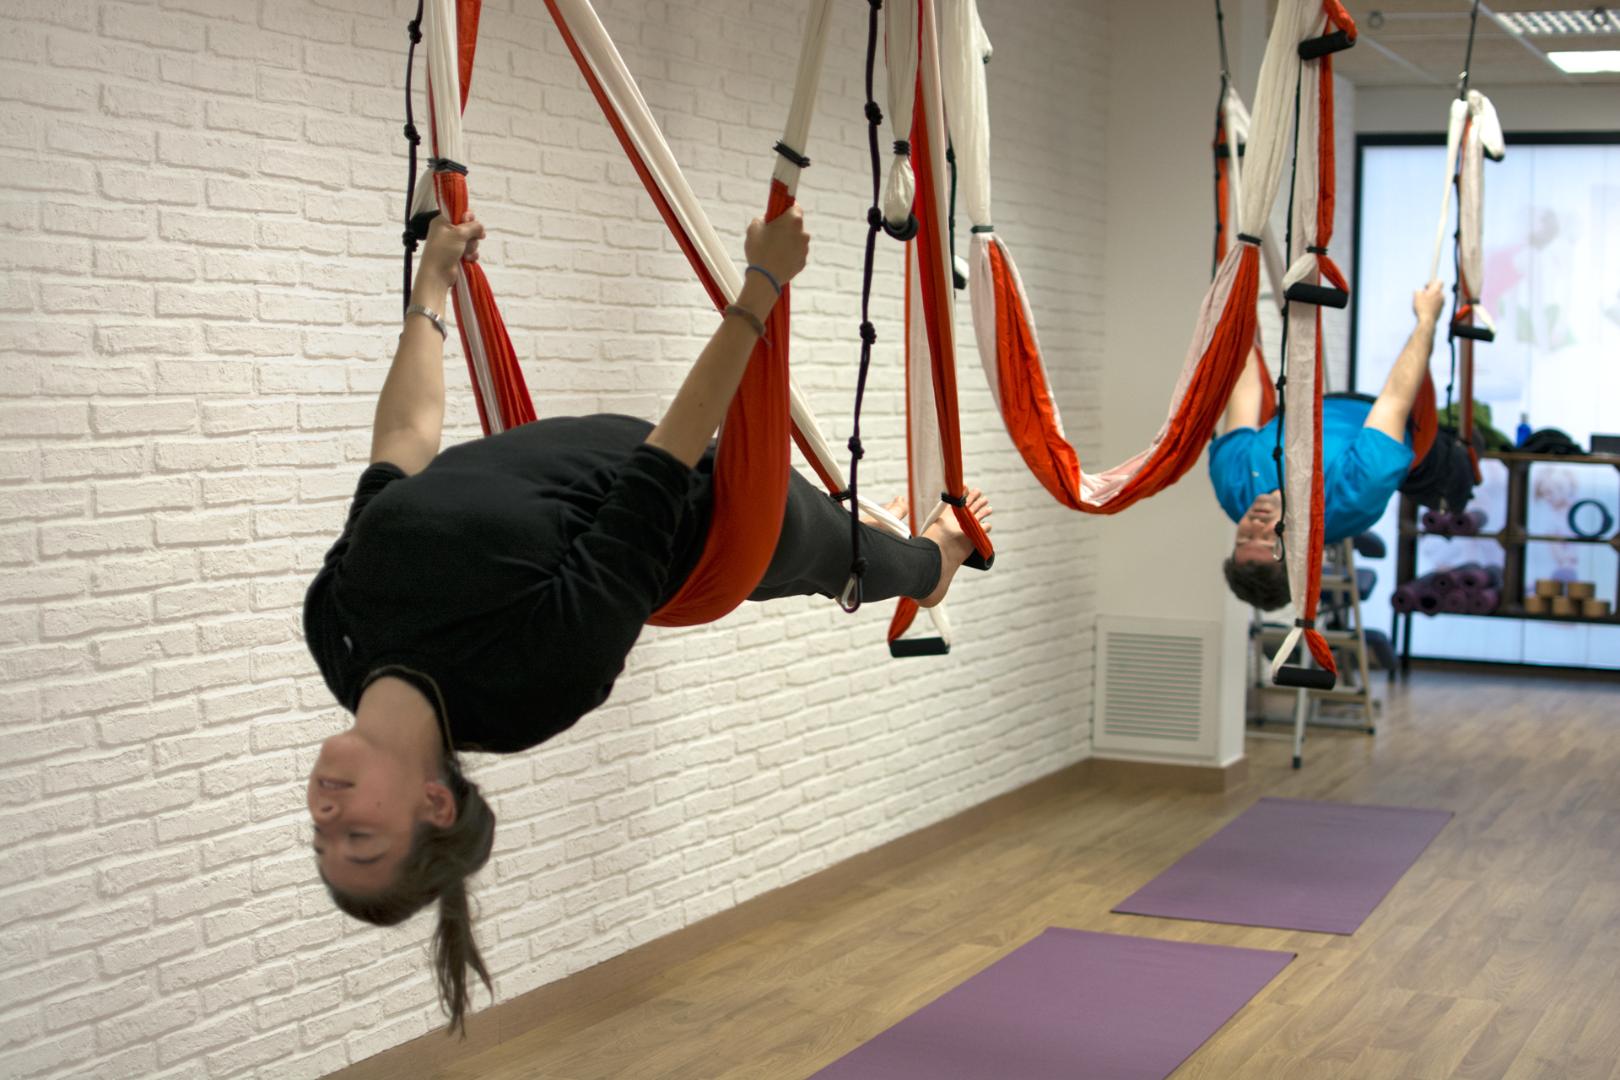 Foto 0 Oferta Gimnasio Experience yoga & pilates Cornellà de Llobregat - GymForLess